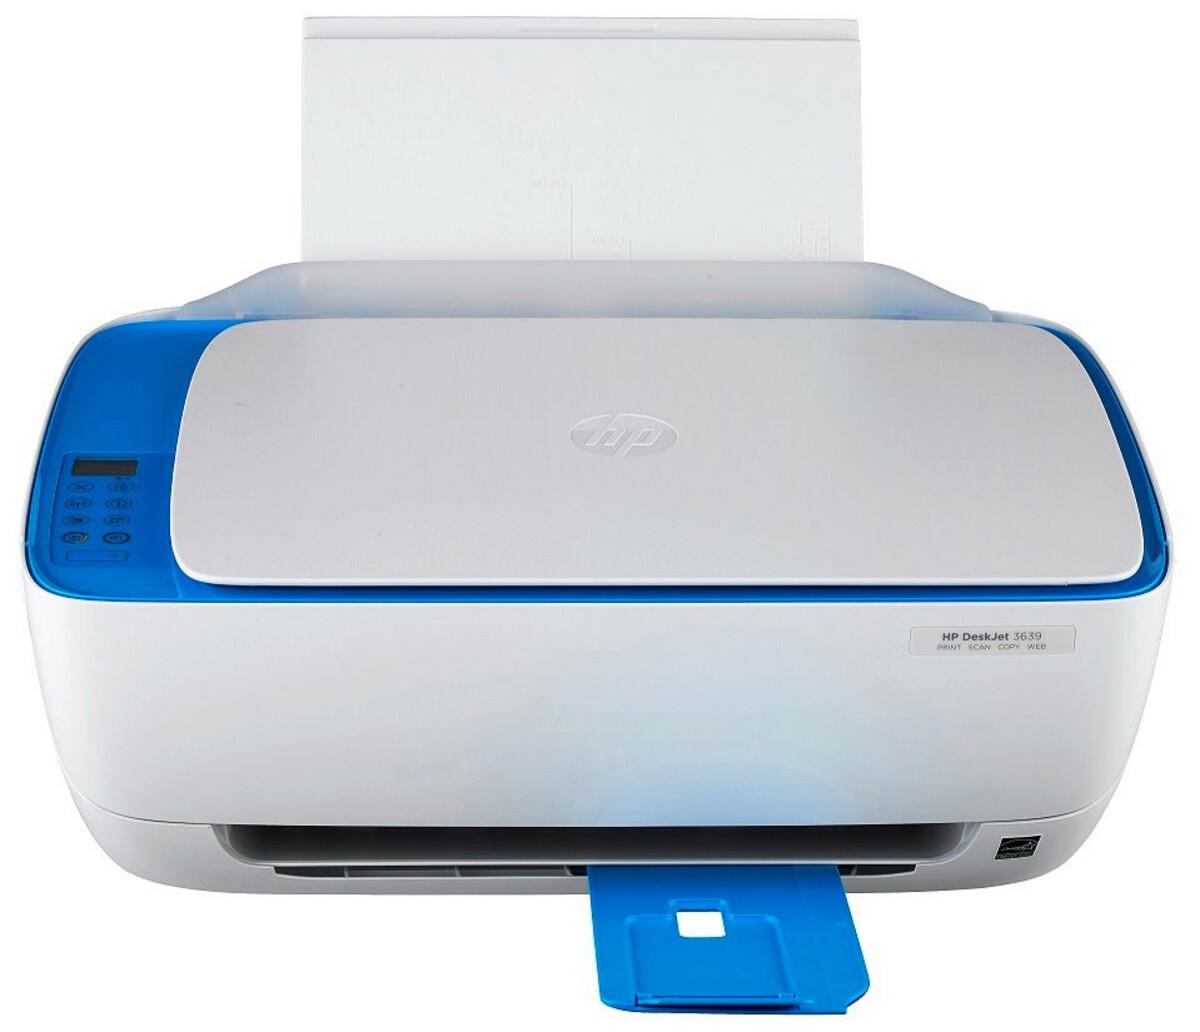 Bild 2 von HP All-in-One-Drucker Deskjet 3639